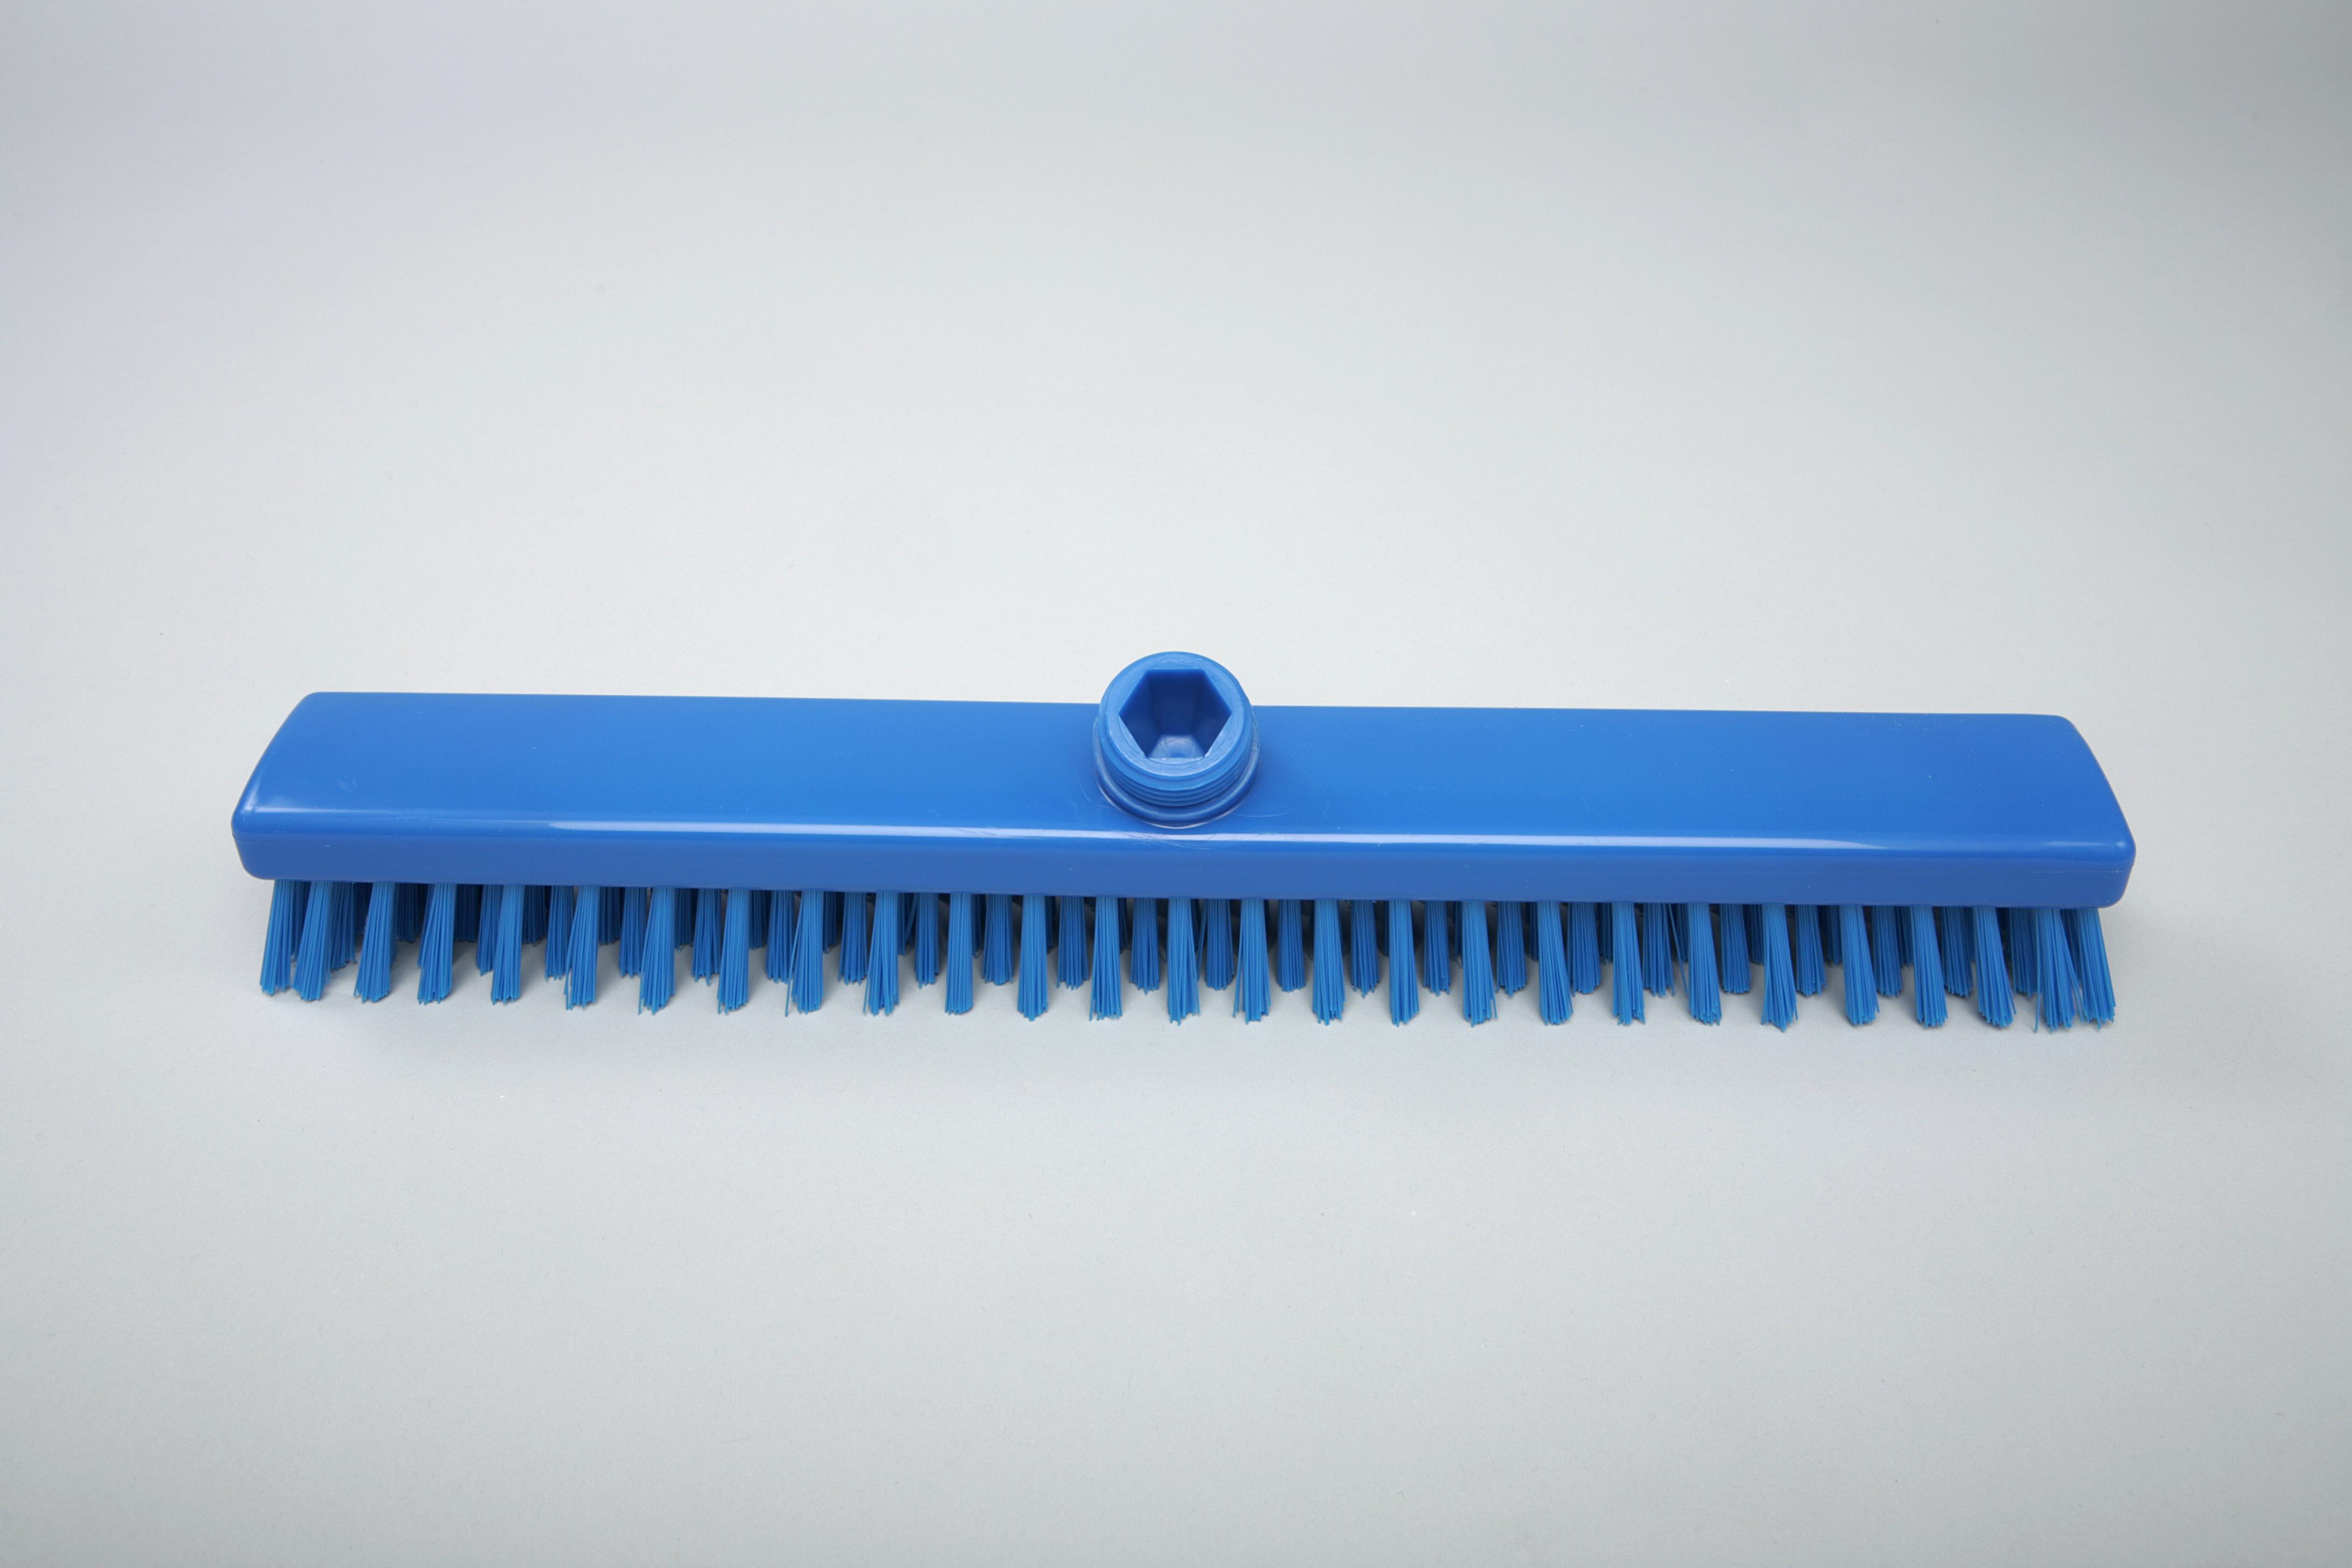 Unimop küürimishari 400 x 50 x 30 mm, tugev, sinine, kastis 6 tk